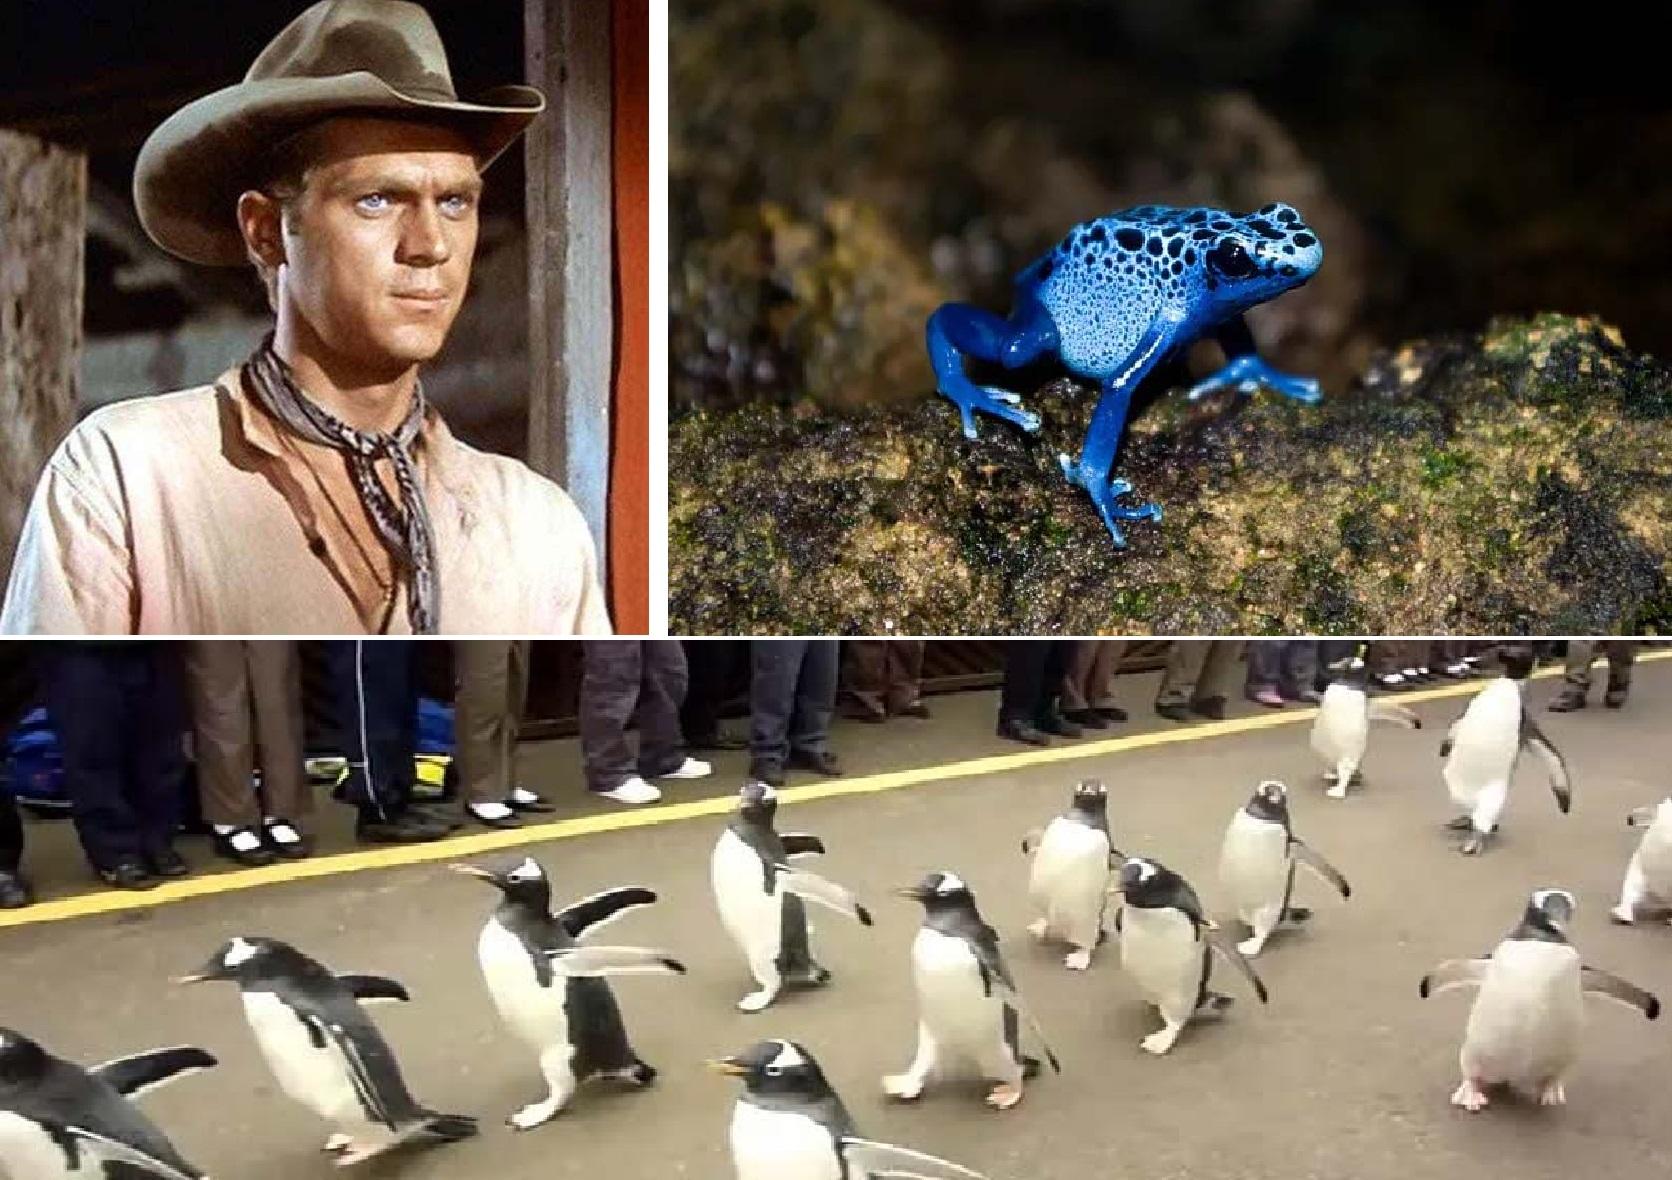 10 интересных фактов: от парада пингвинов, смещения континентов и заканчивая русской рулеткой